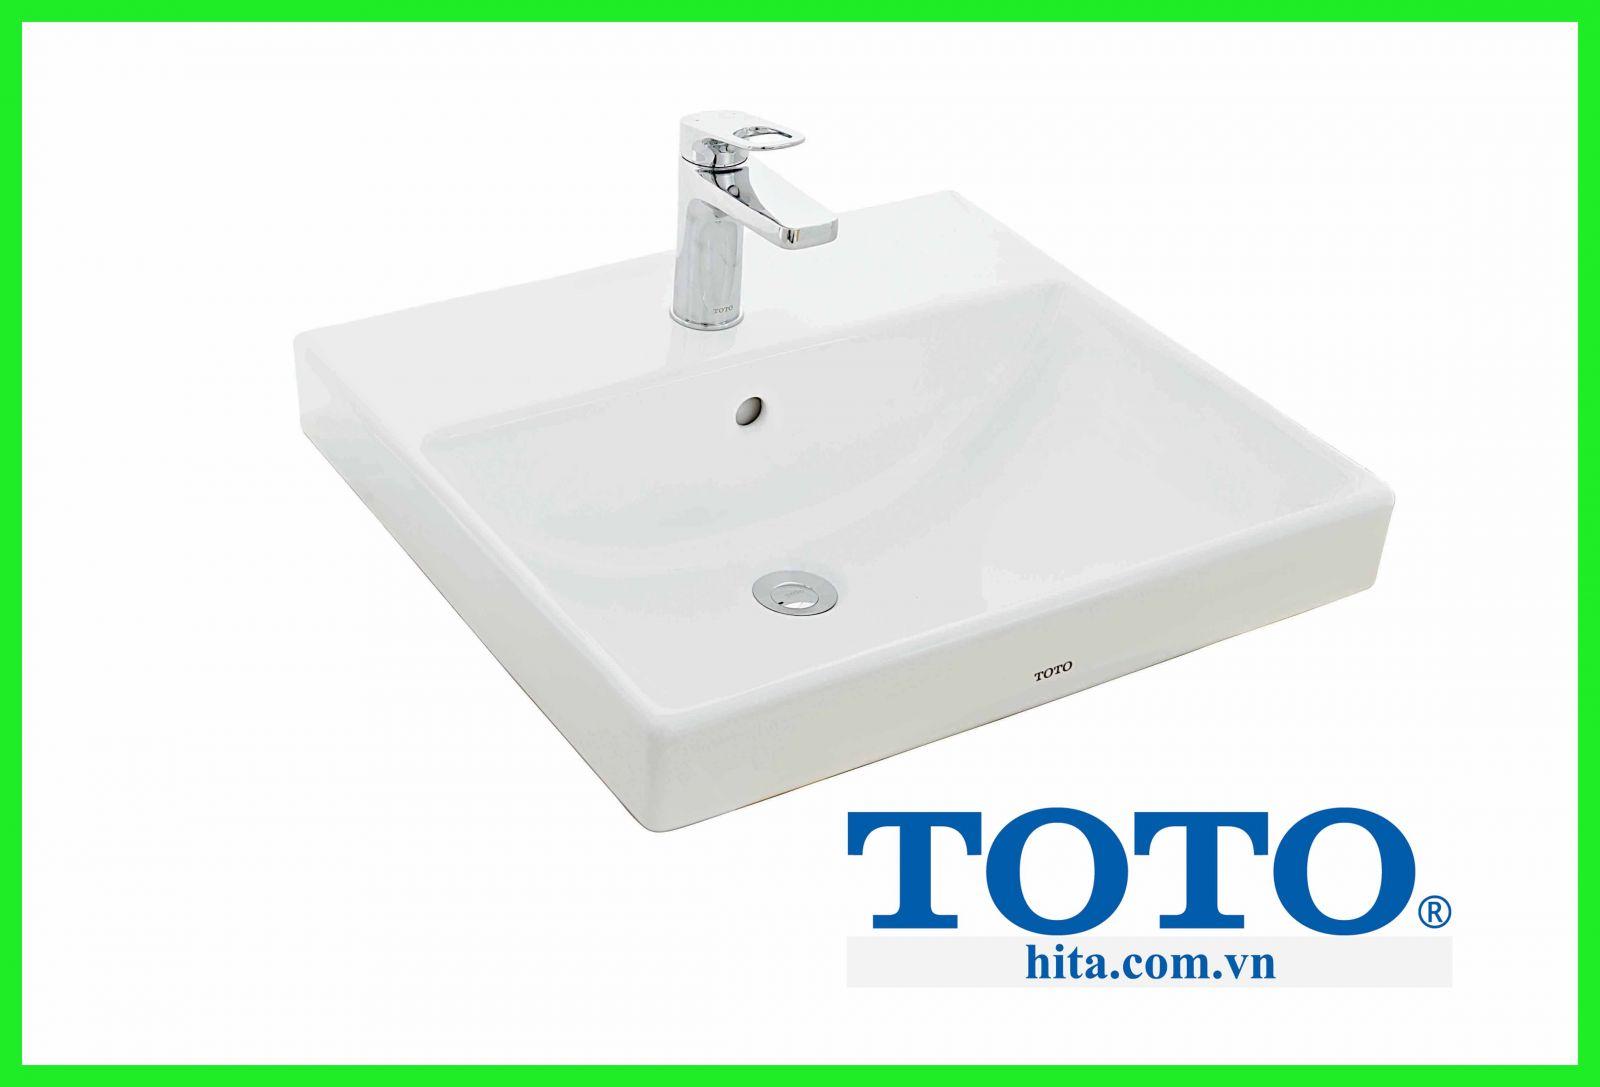 Chậu rửa đặt bàn Toto LT710CSR